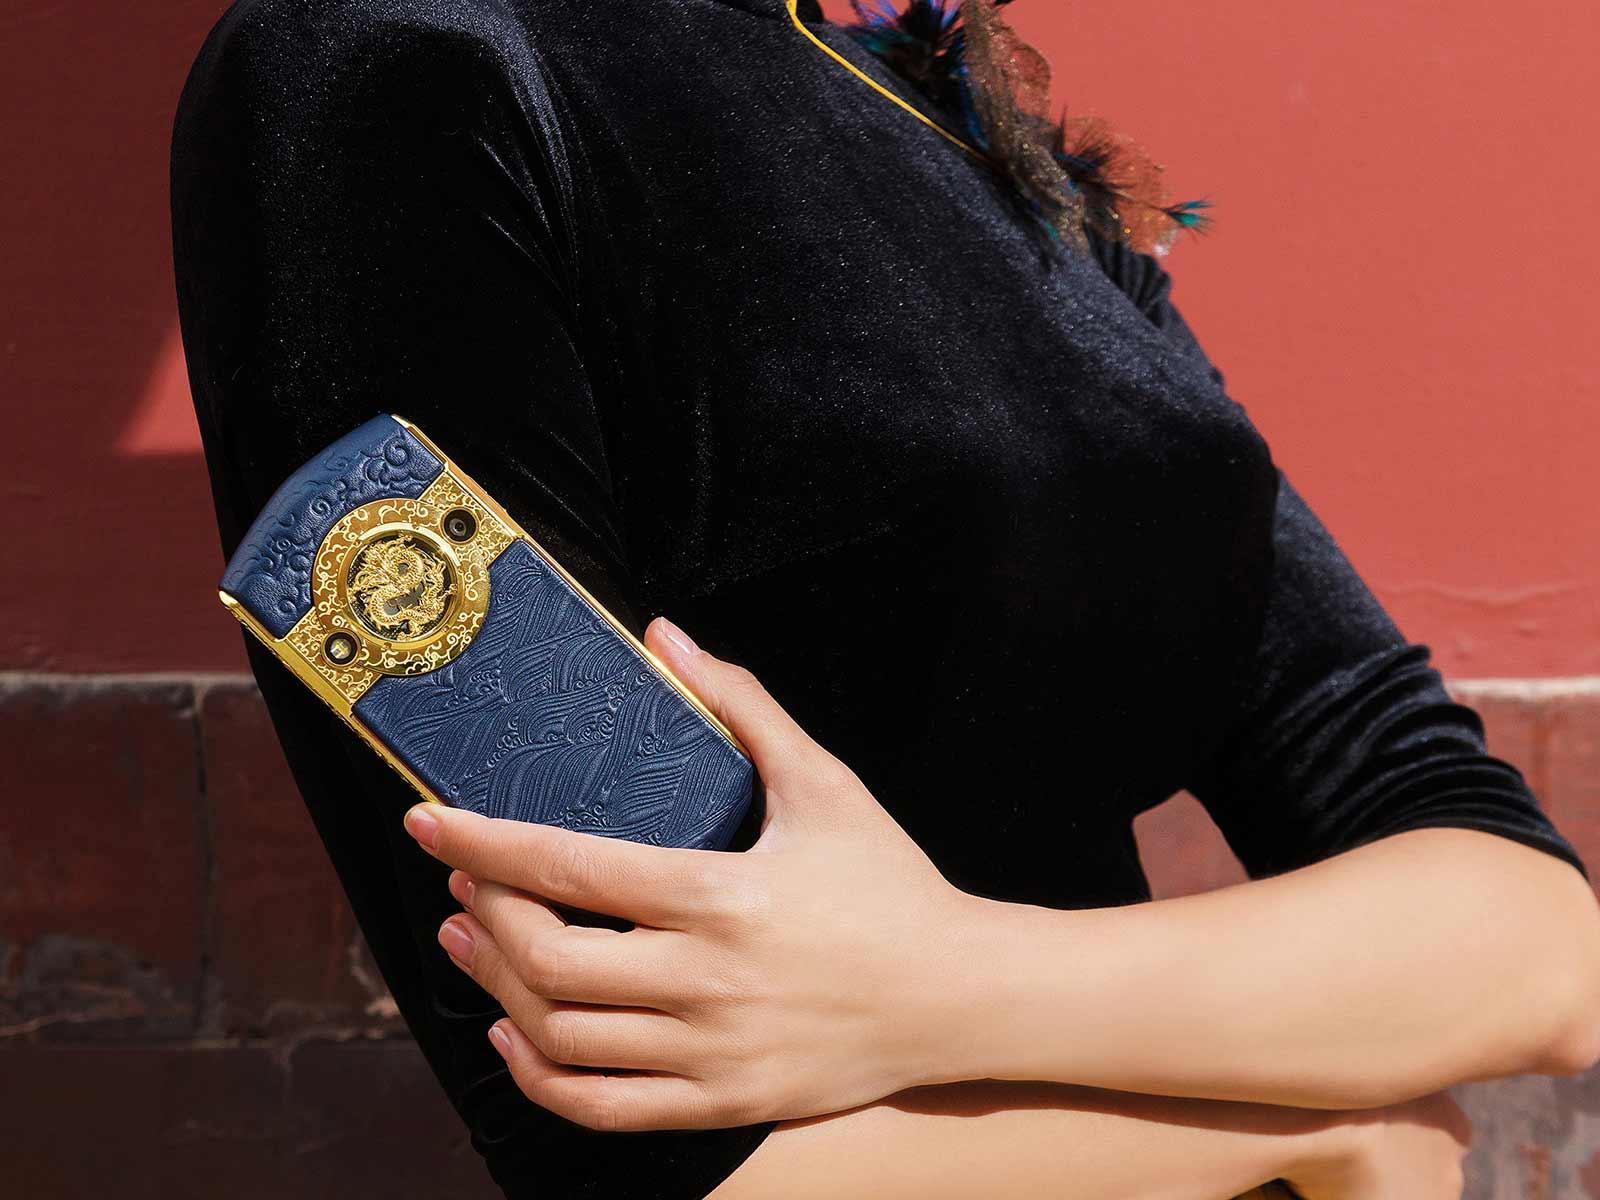 8848携手故宫打造朕的手机